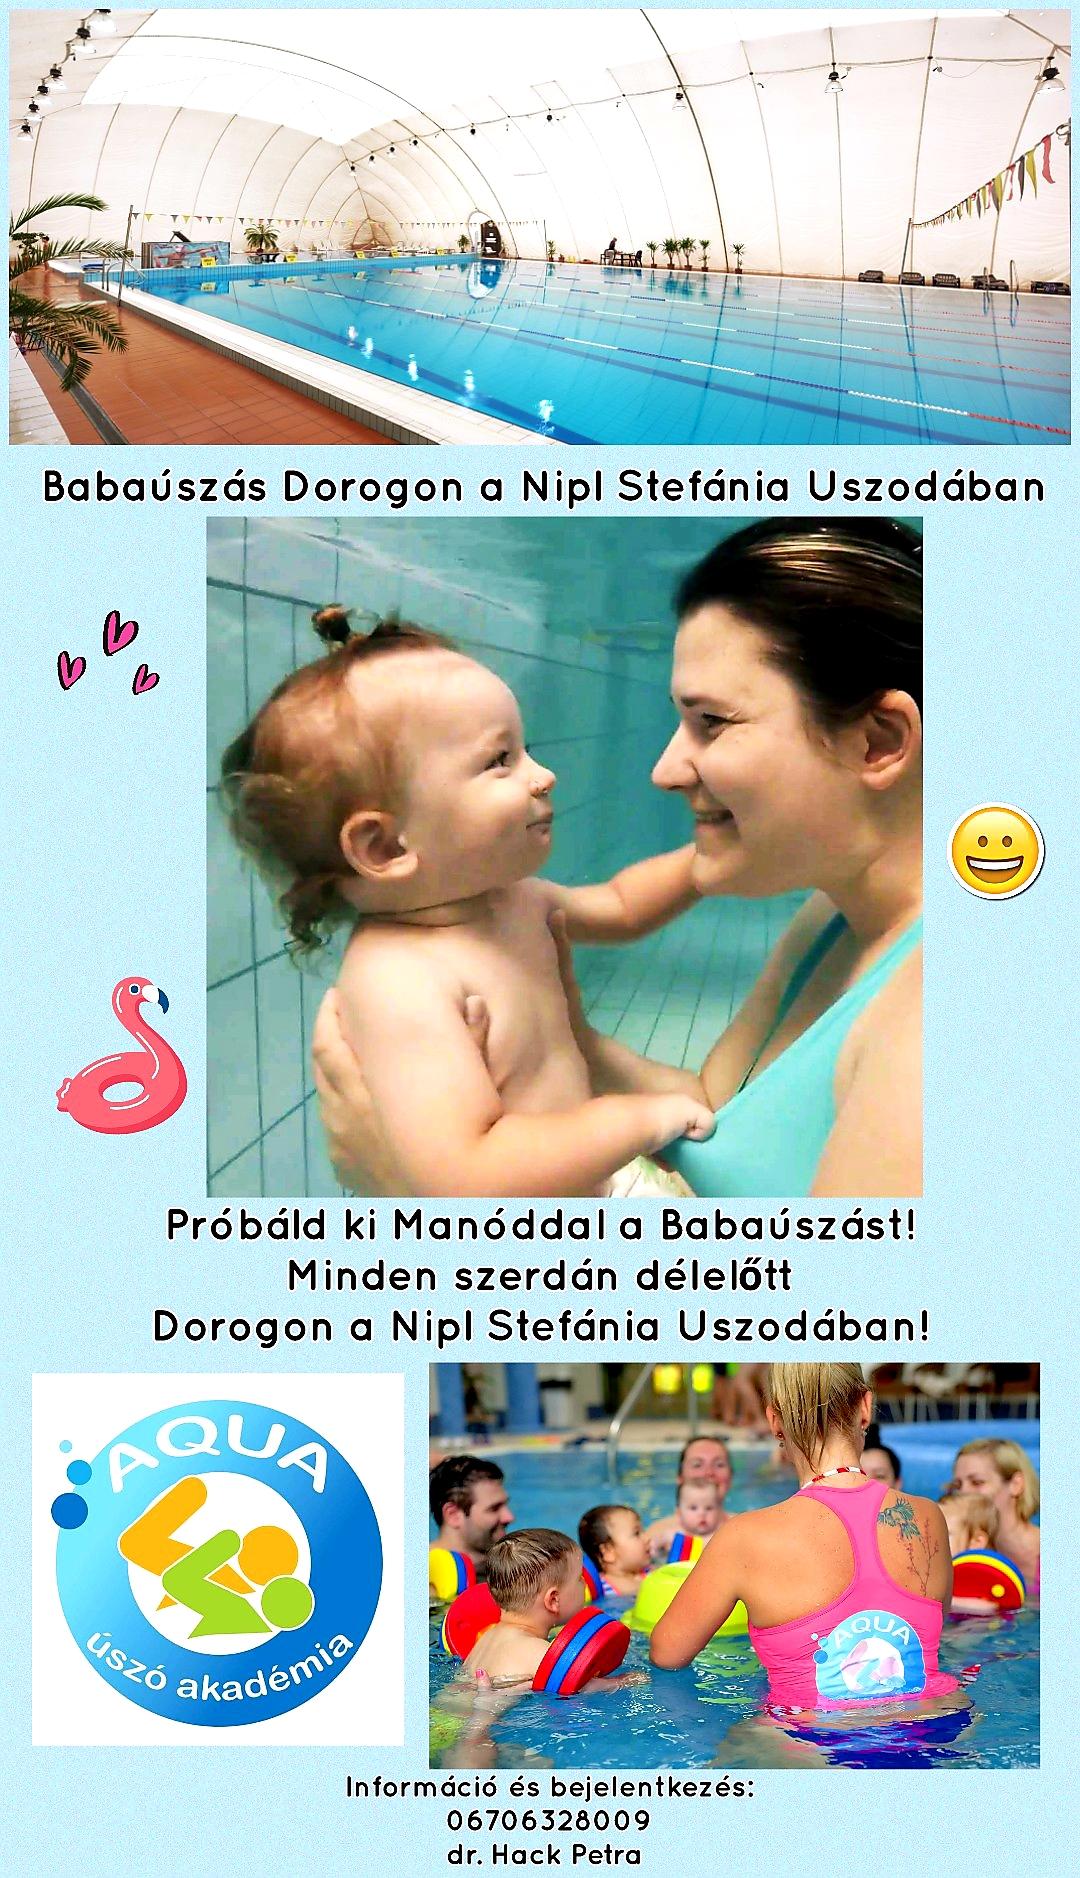 babaúszás az usziban